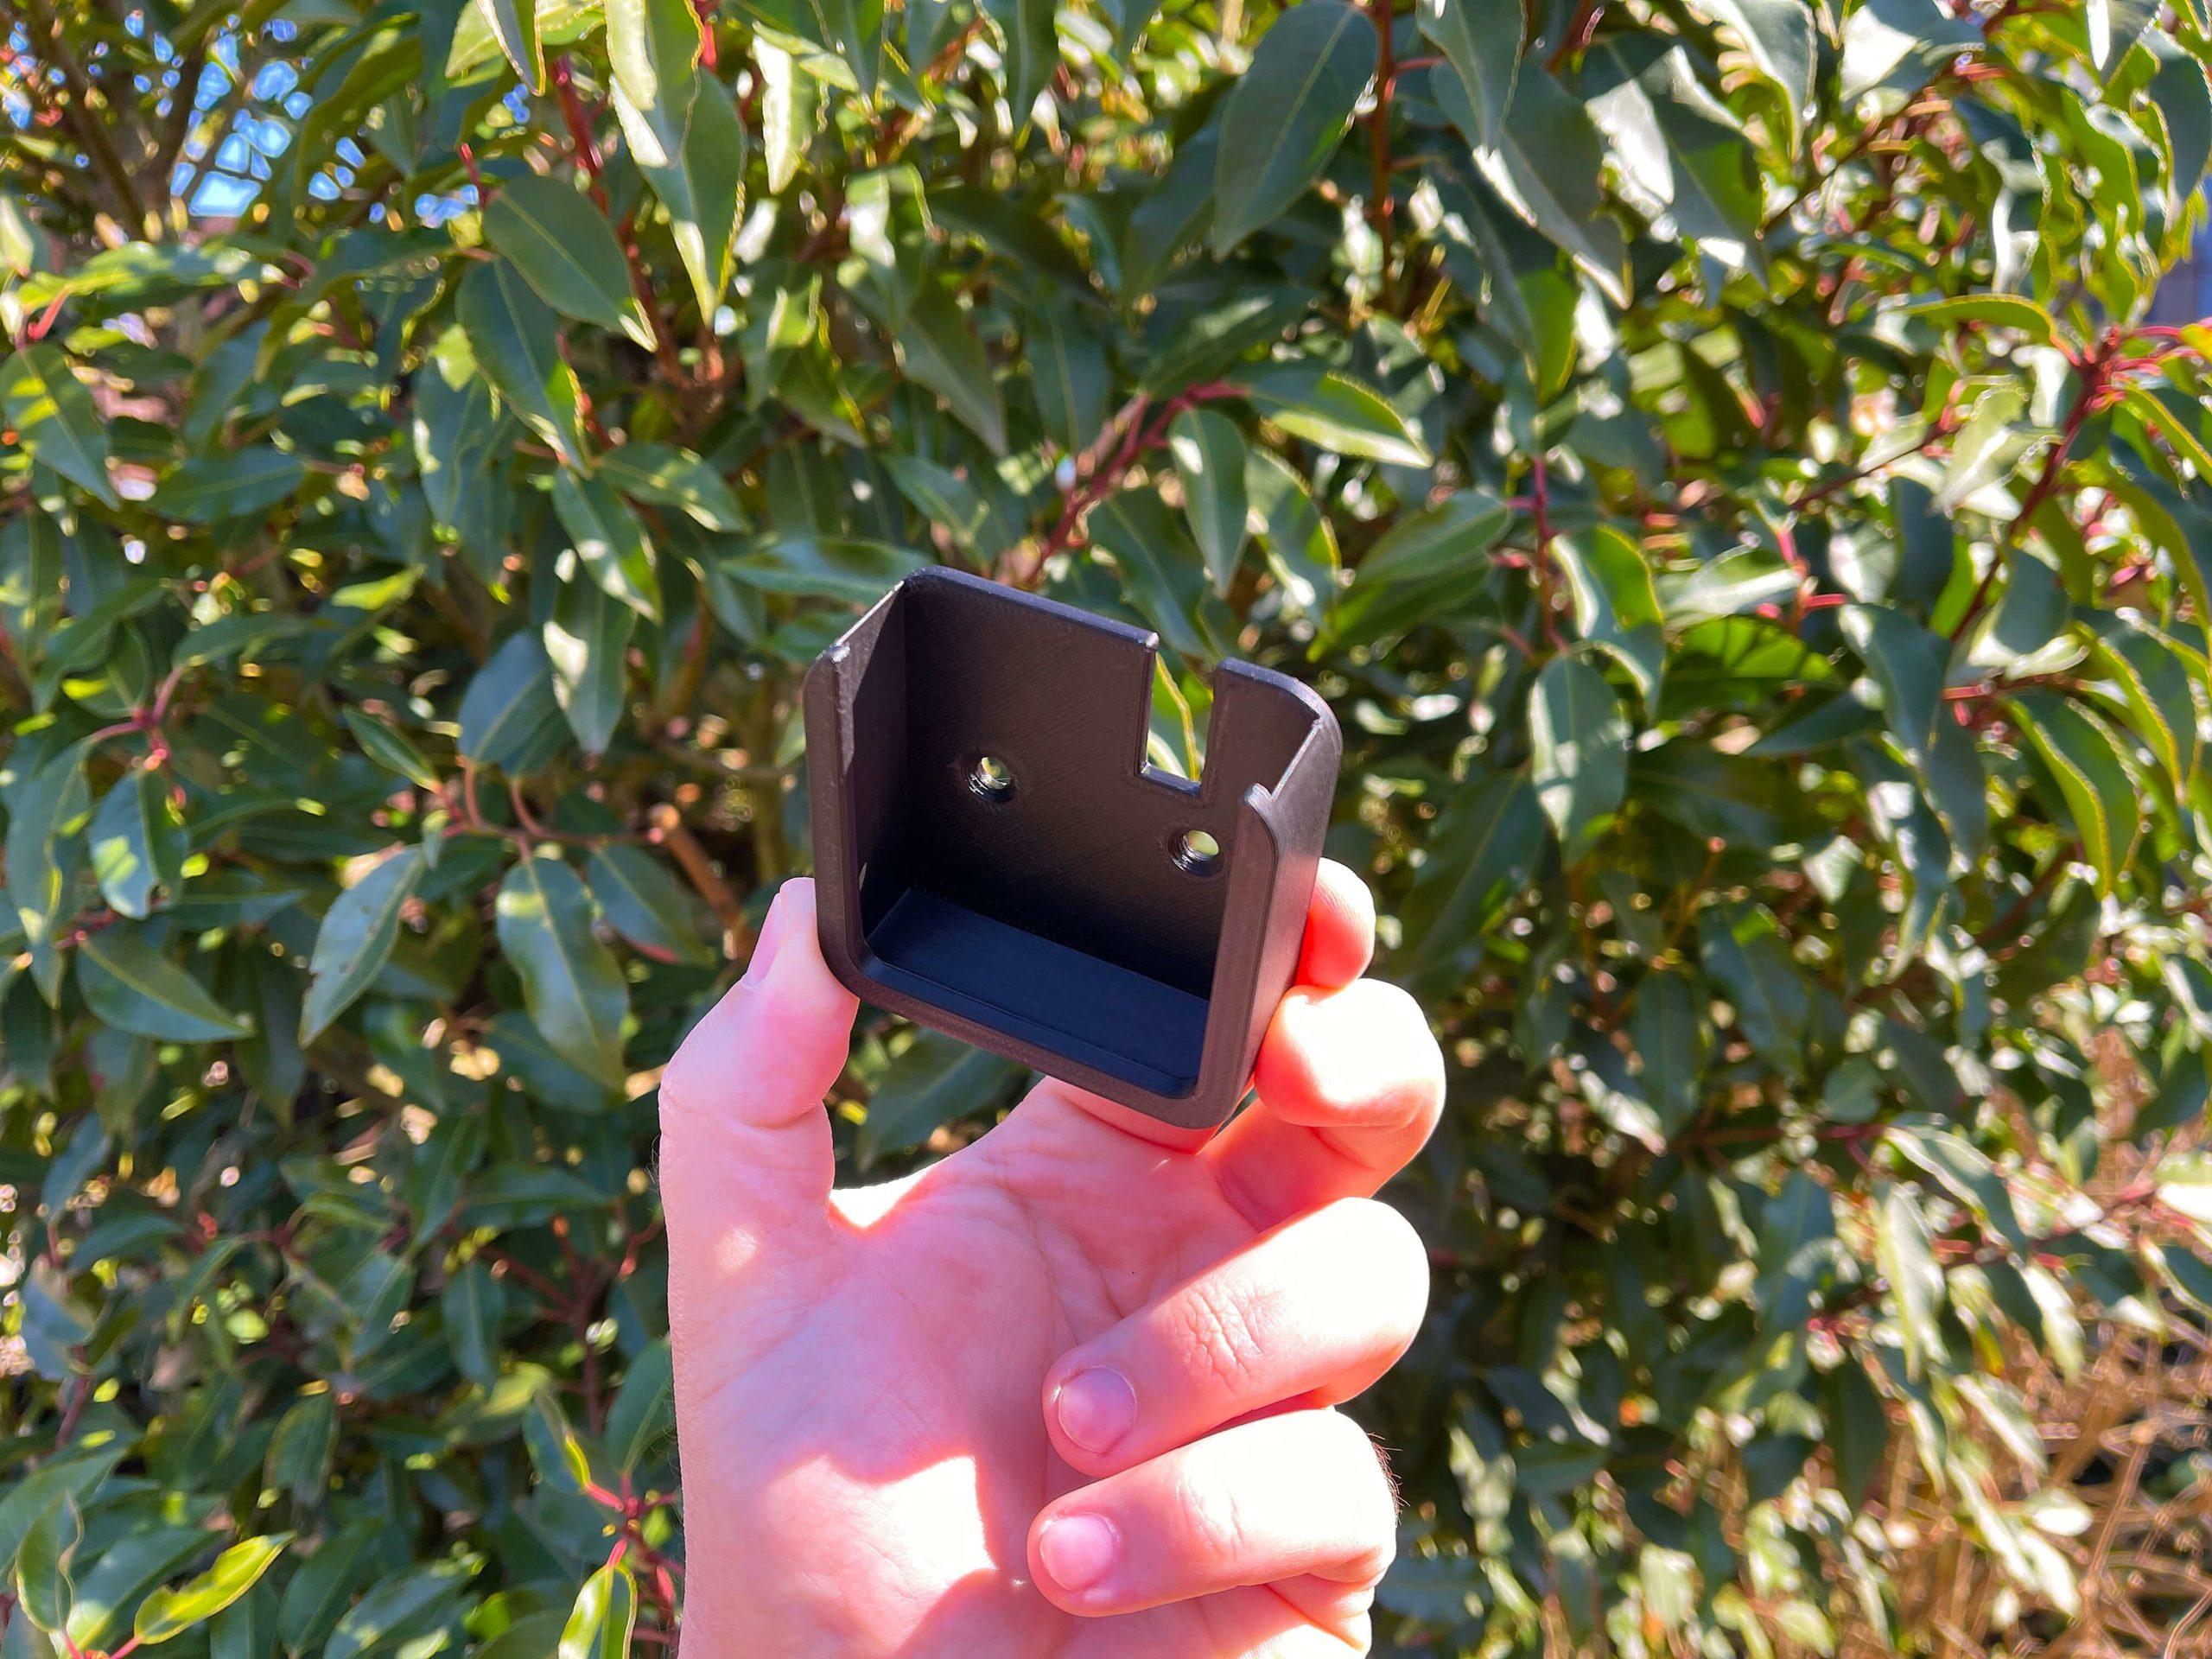 Eve-Weather-von-Eve-Apple-HomeKit-Wetterdaten-via-Thread-abrufen4-scaled Eve Weather von Eve - Apple HomeKit Wetterdaten via Thread abrufen